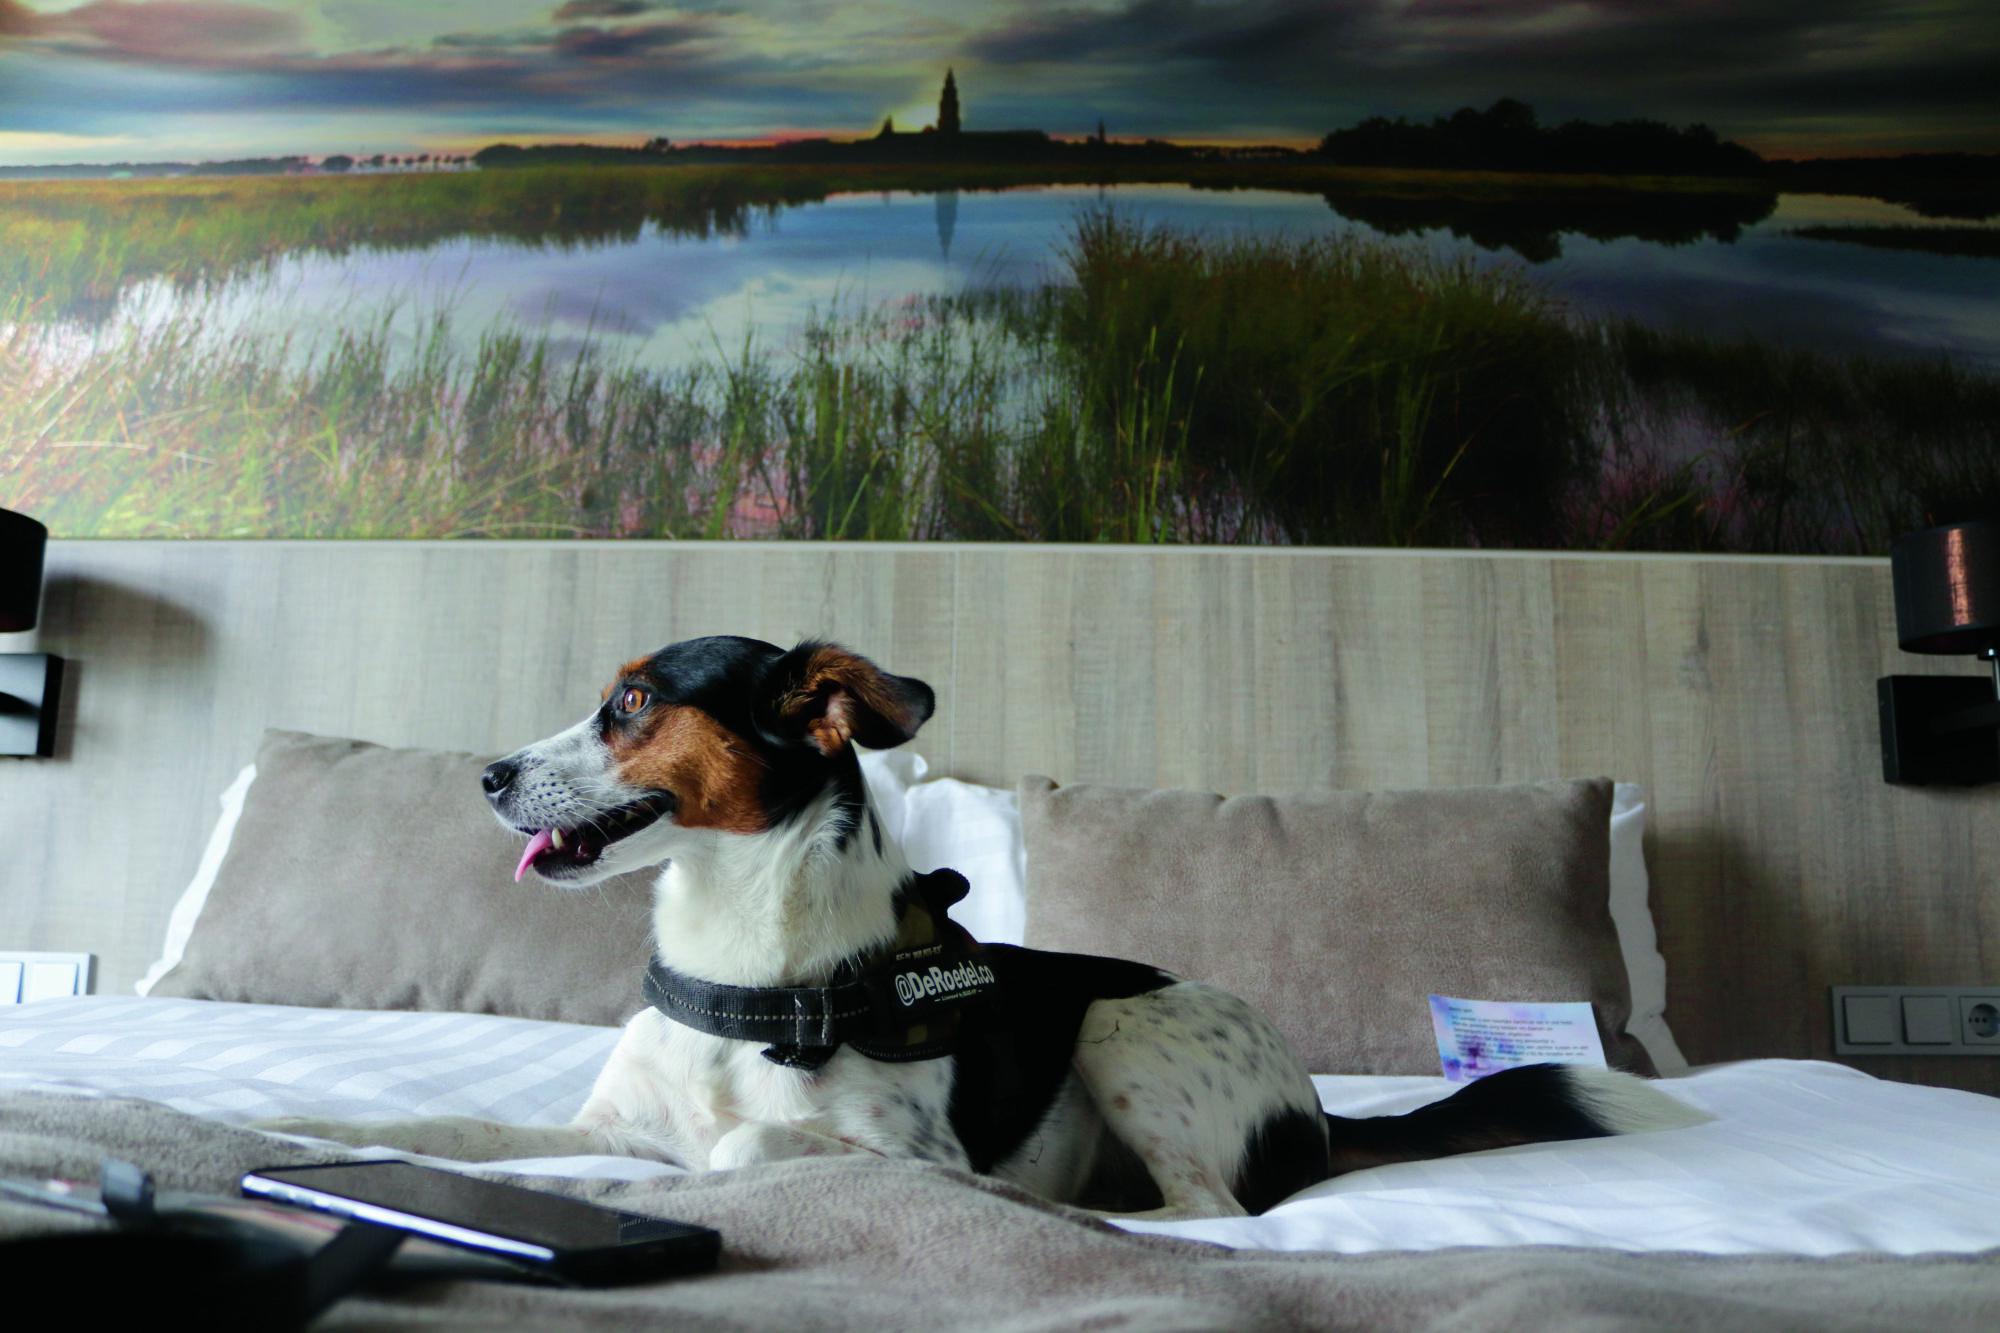 Twijfel je of de hond meegaat op vakantie? Dit zijn de mogelijkheden!